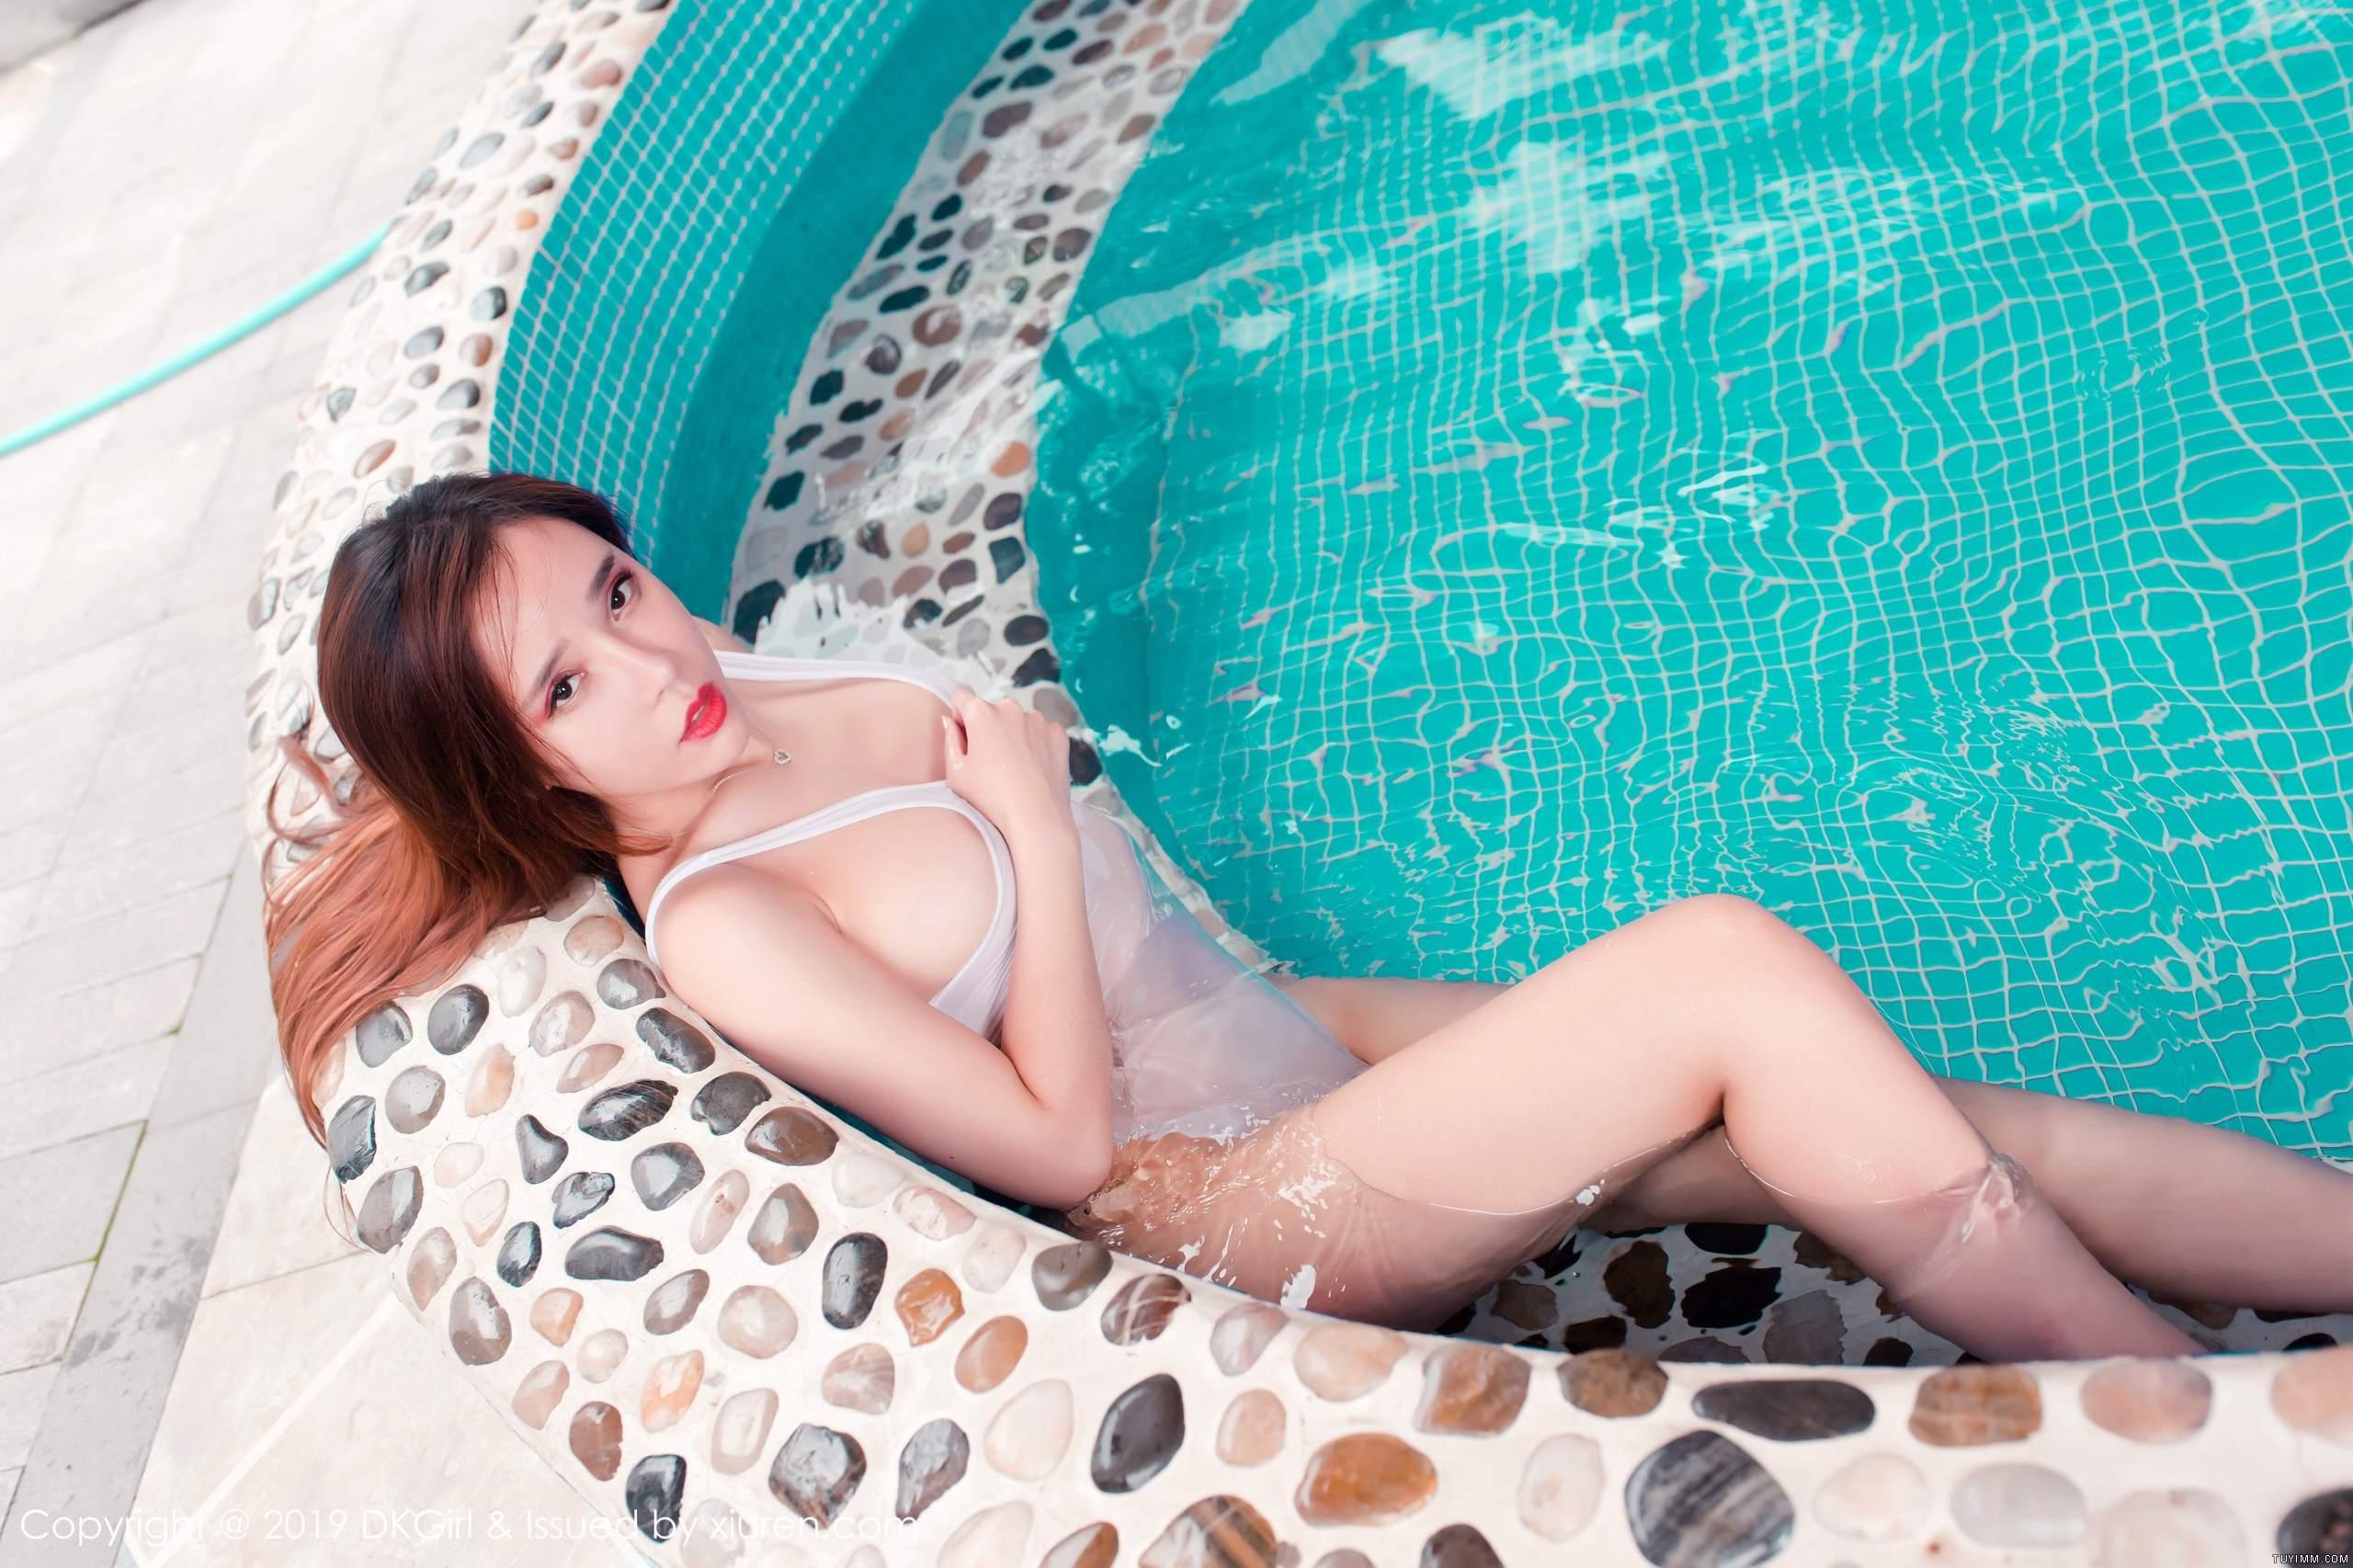 """[福利]艾小青的""""我爱辅助网""""-第33张图片-哔哔娱乐网"""